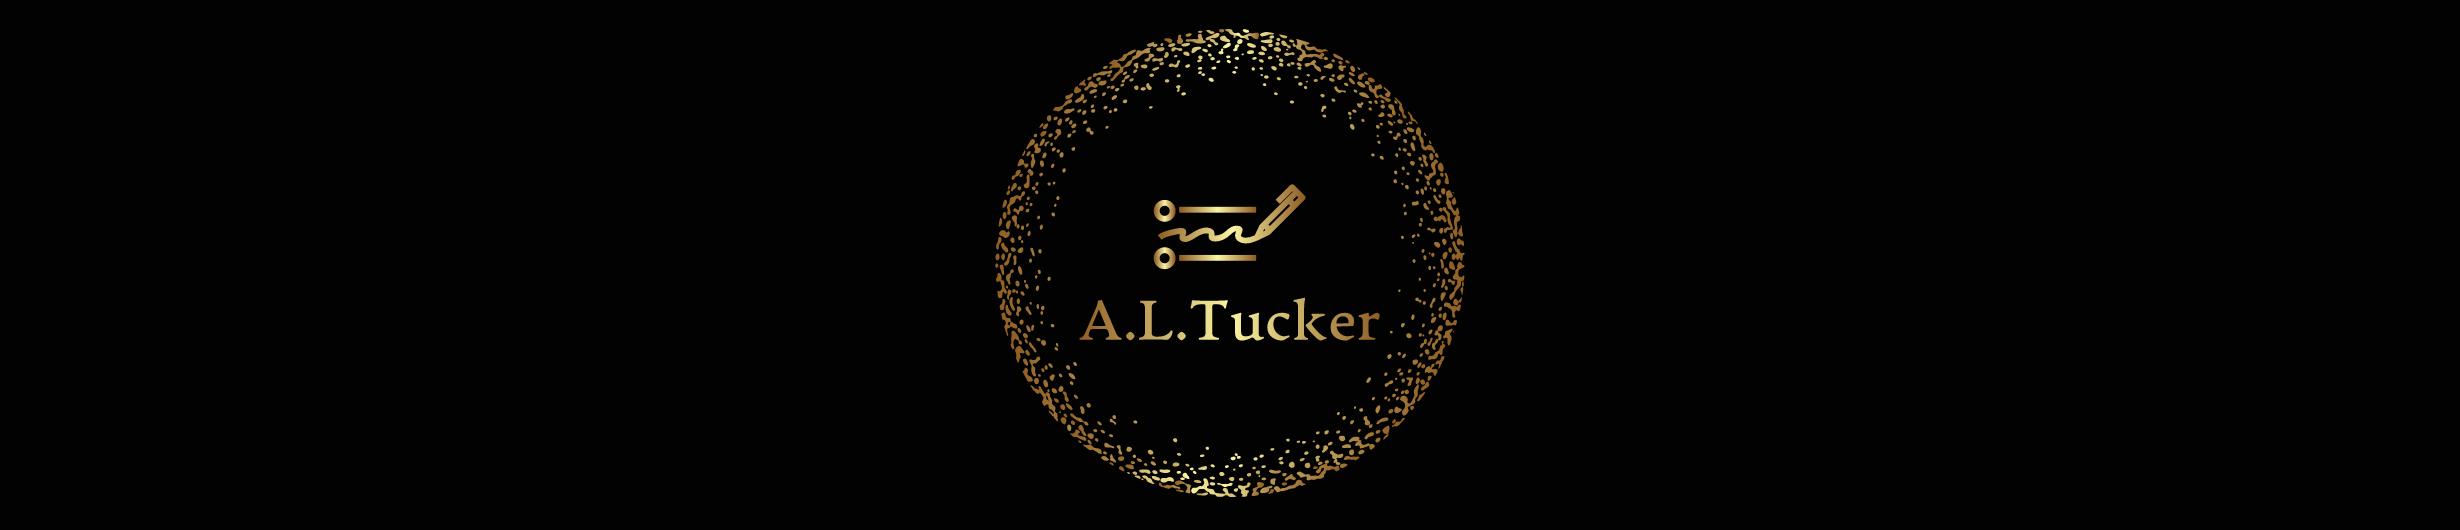 A.L.Tucker